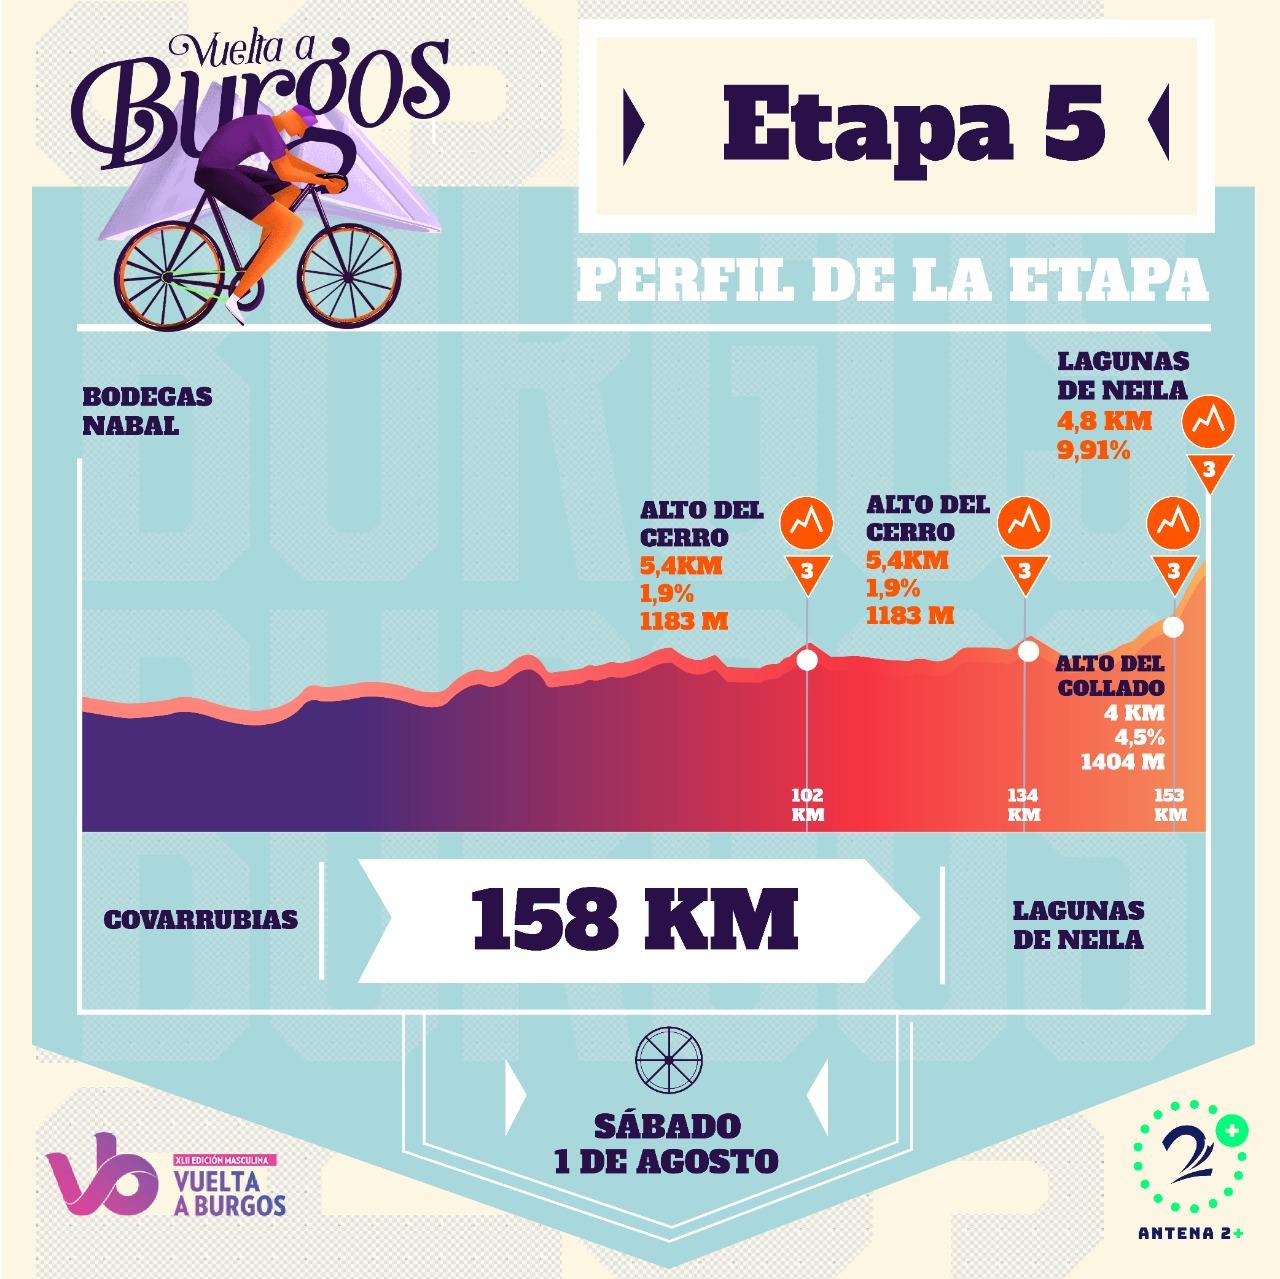 Vuelta a Burgos, quinta etapa edición 2020